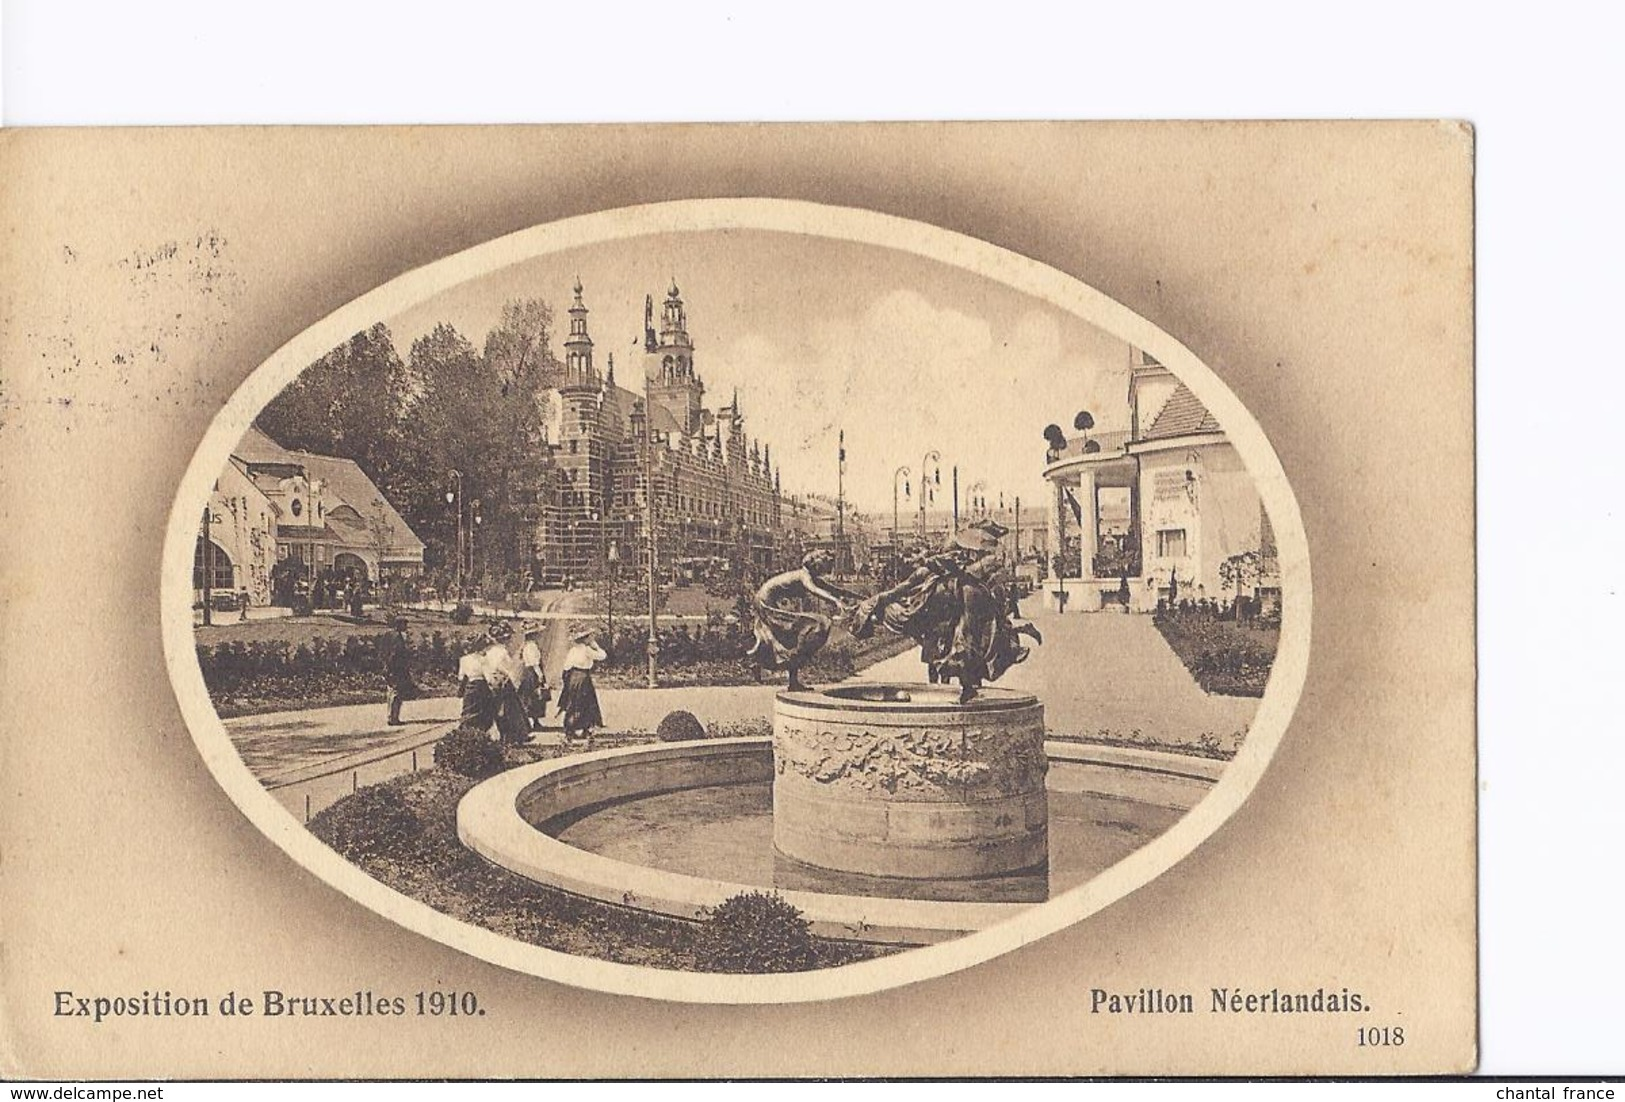 4 Cpa Exposition Bruxelles 1910. Pavillon Neerlandais (Hollandais). Même Thême, Vues Différentes - Tentoonstellingen